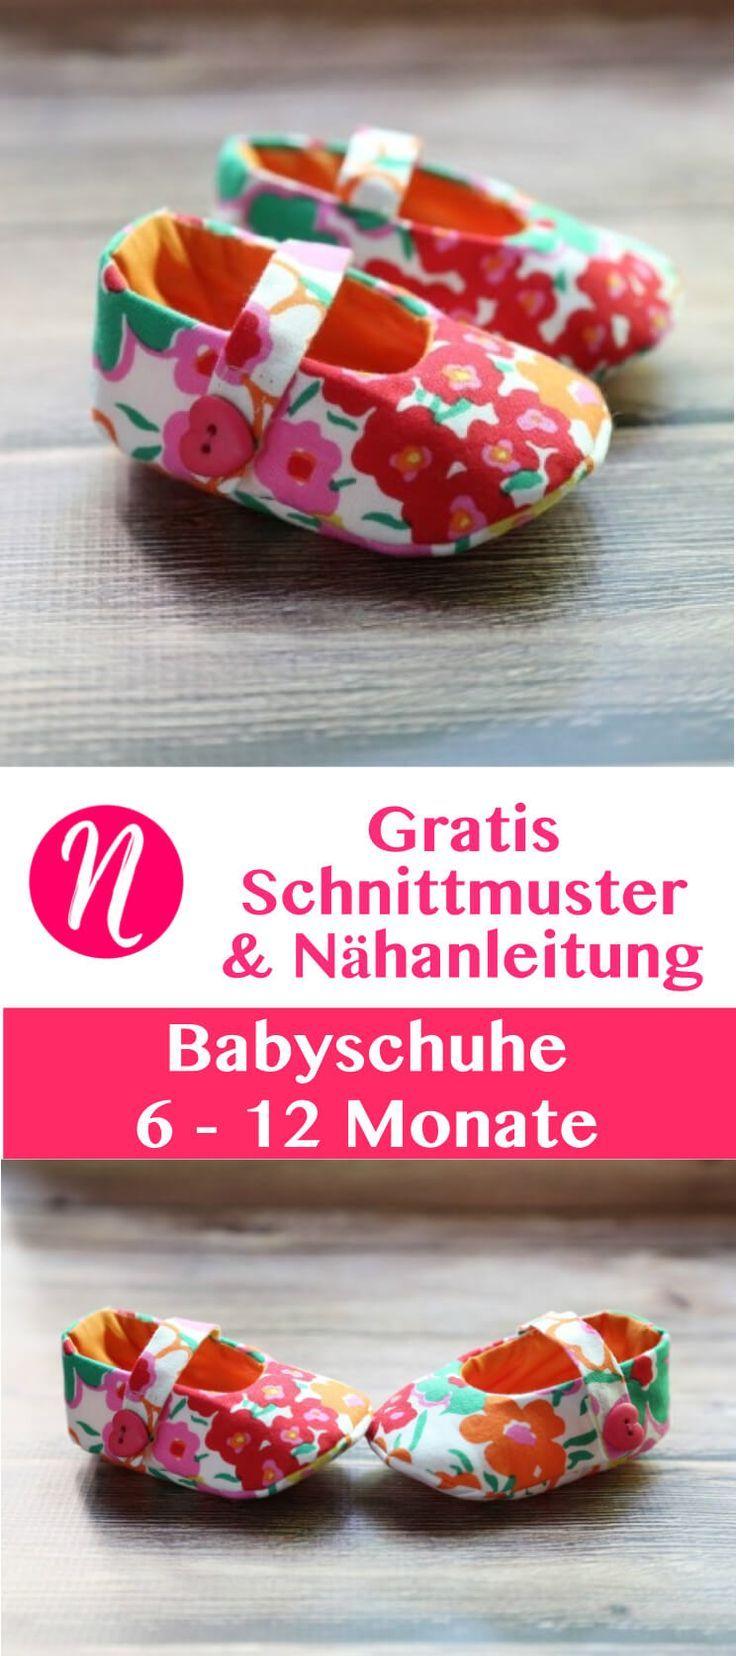 Freebook - Babyschuhe selber nähen mit Nähanleitung ❤️ 6 - 12 ❤️ leicht - Für Anfänger geeignet ❤️ Nähtalente - Magazin für kostenlose Schnittmuster - free sewing pattern for baby shoes for 6 - 12 Month